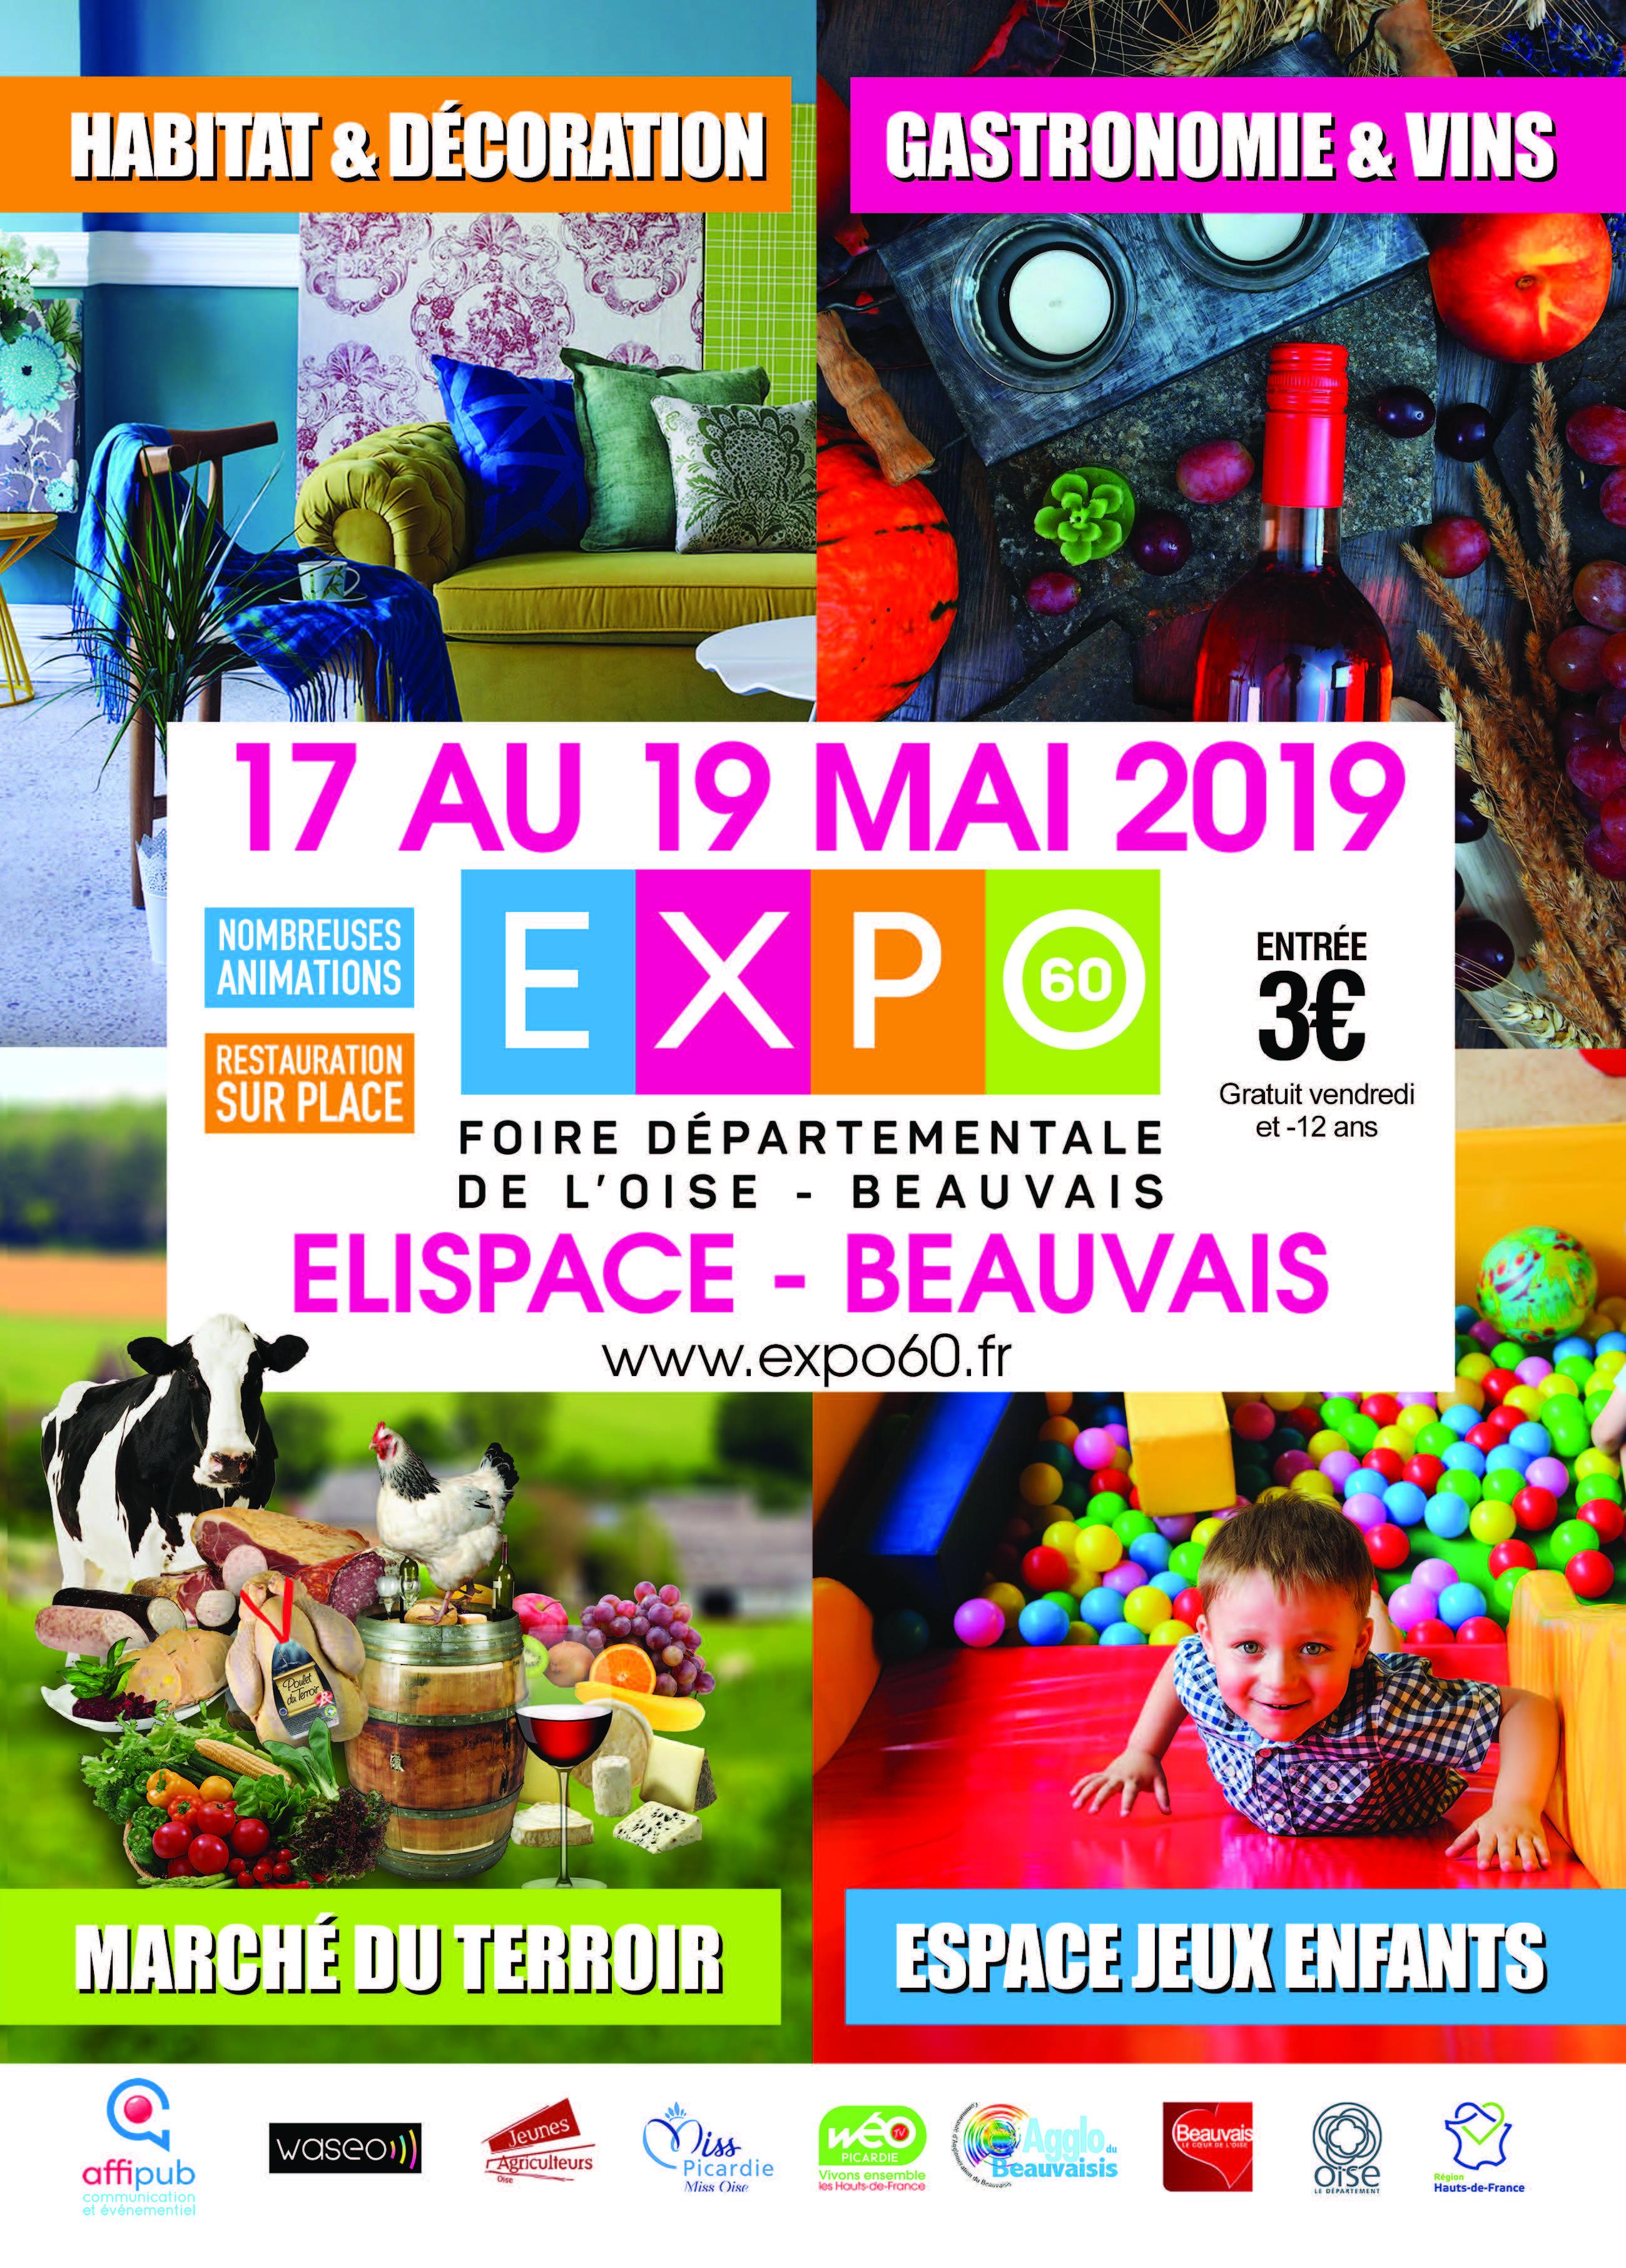 EXPO60, la Foire Expo de l'Oise du 17 au 19 Mai 2019